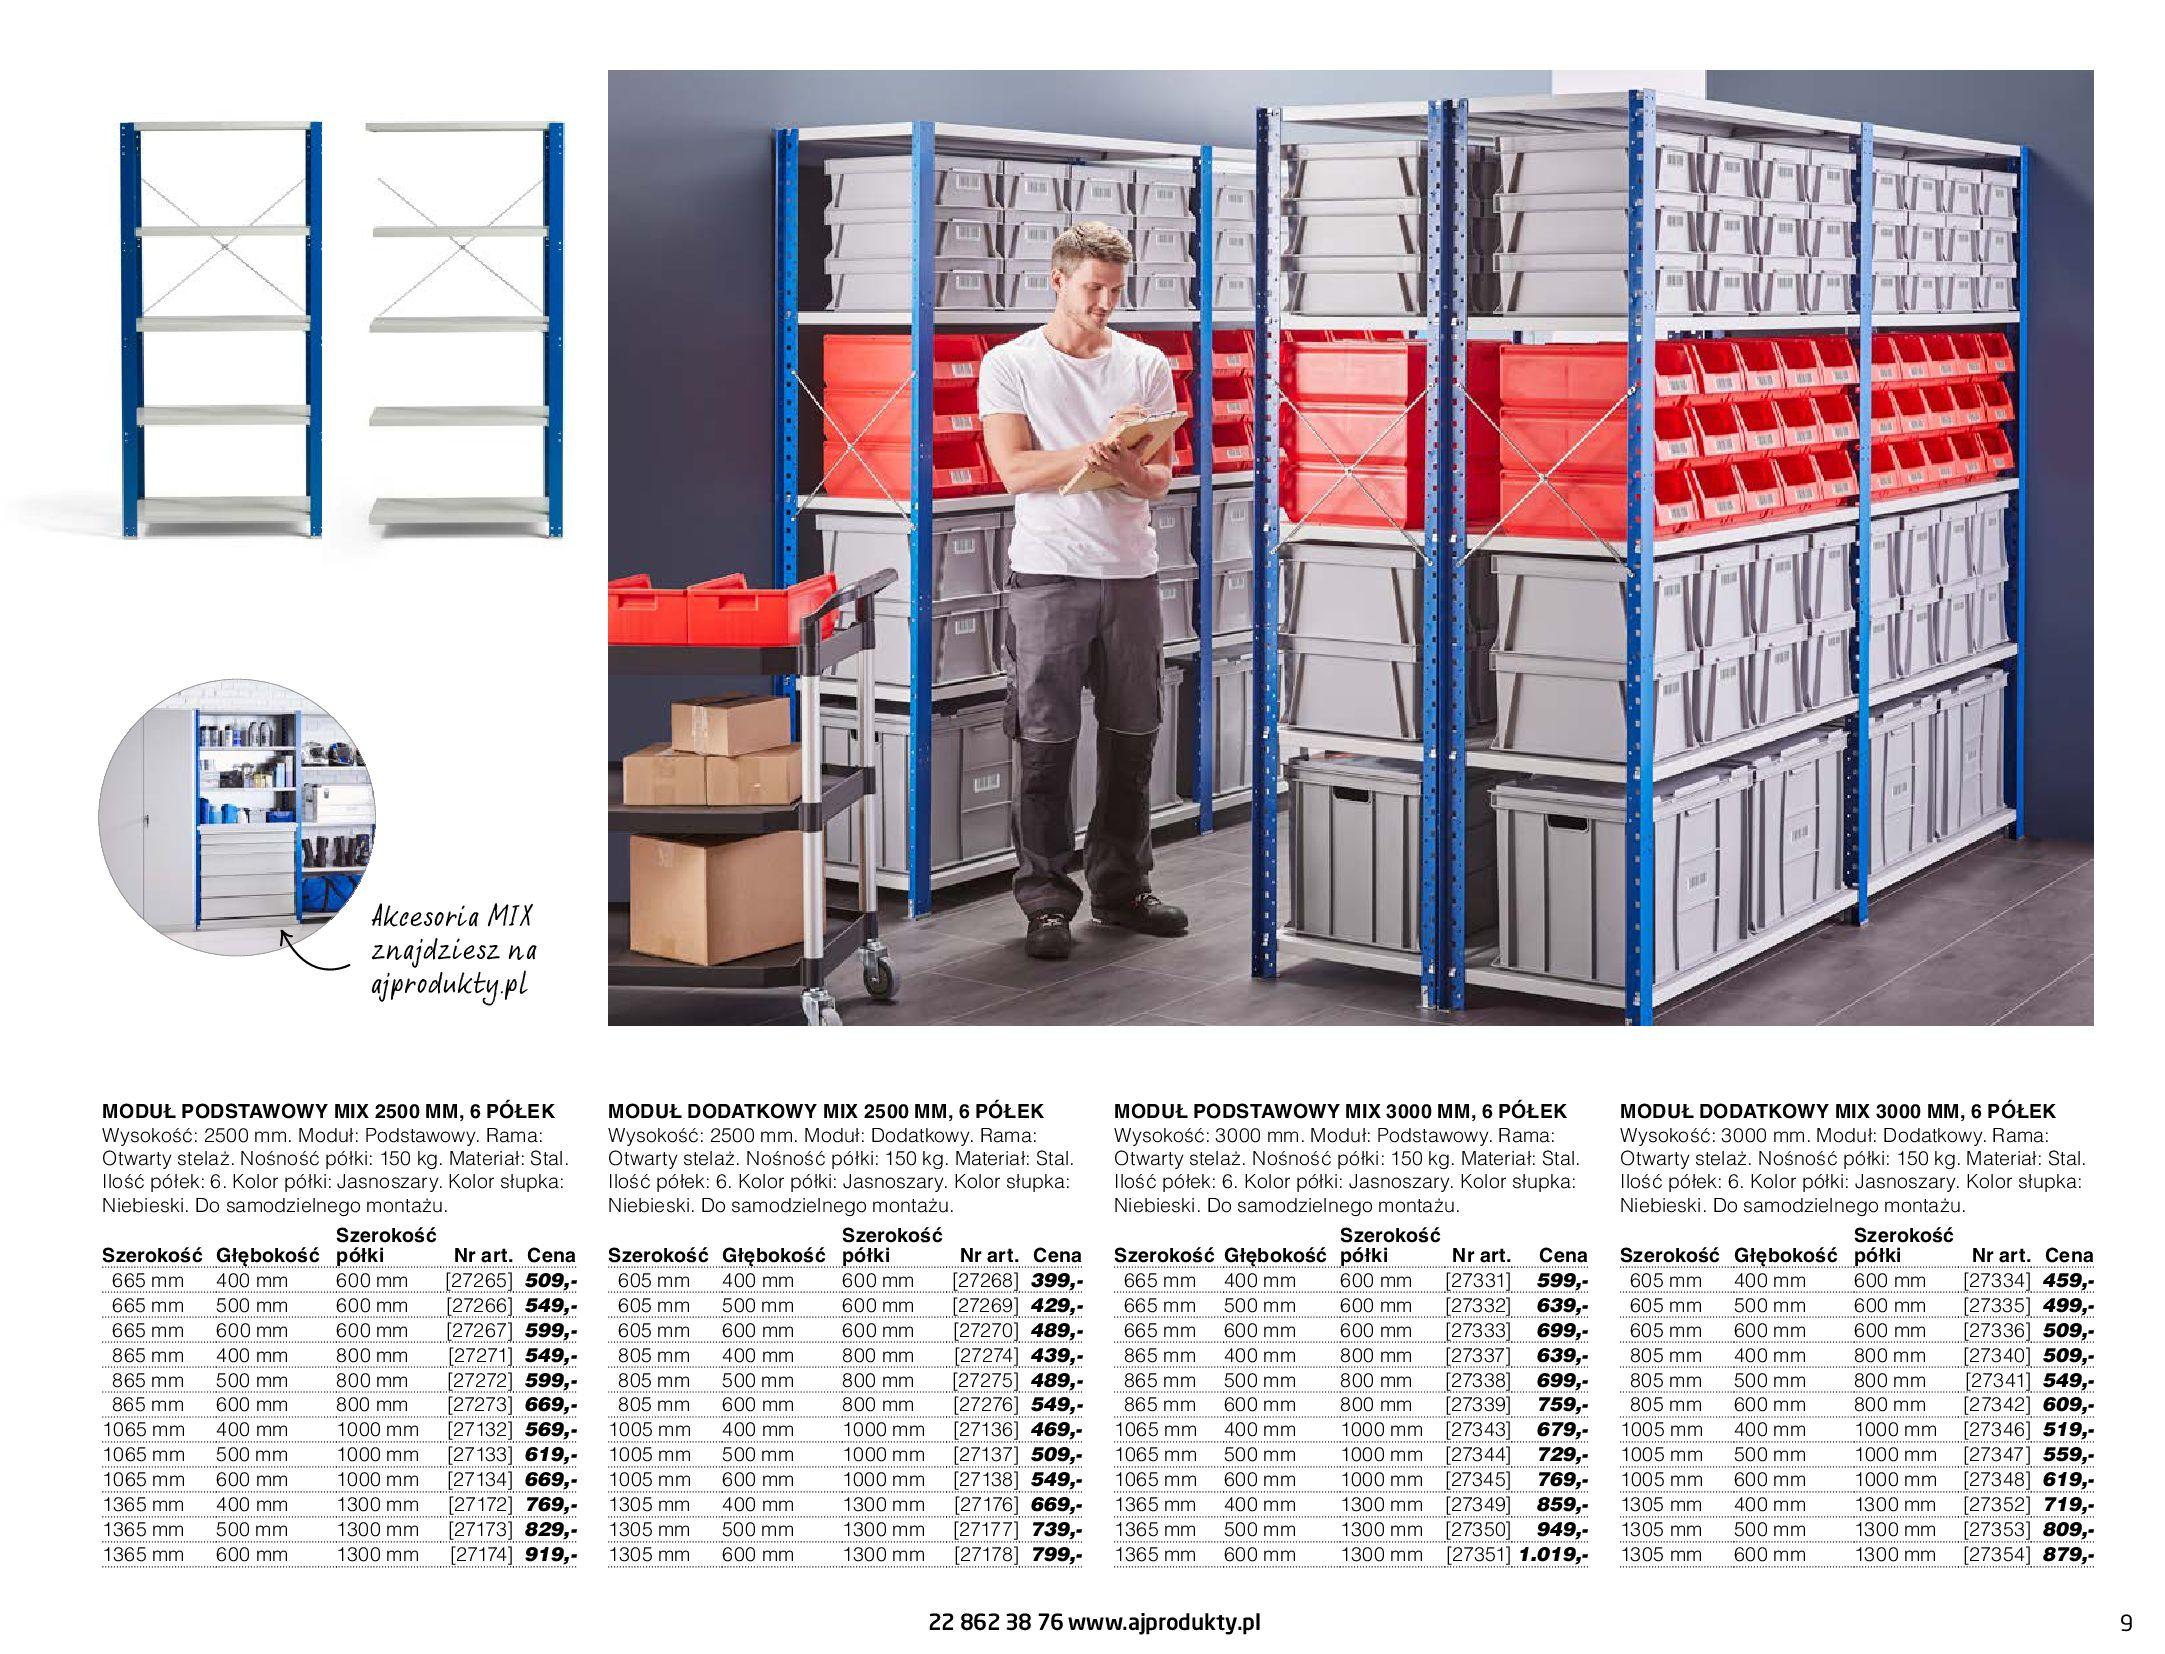 Gazetka AJ Produkty: Gazetka AJ Produkty - katalog przemysł i warsztat 2021-05-07 page-9